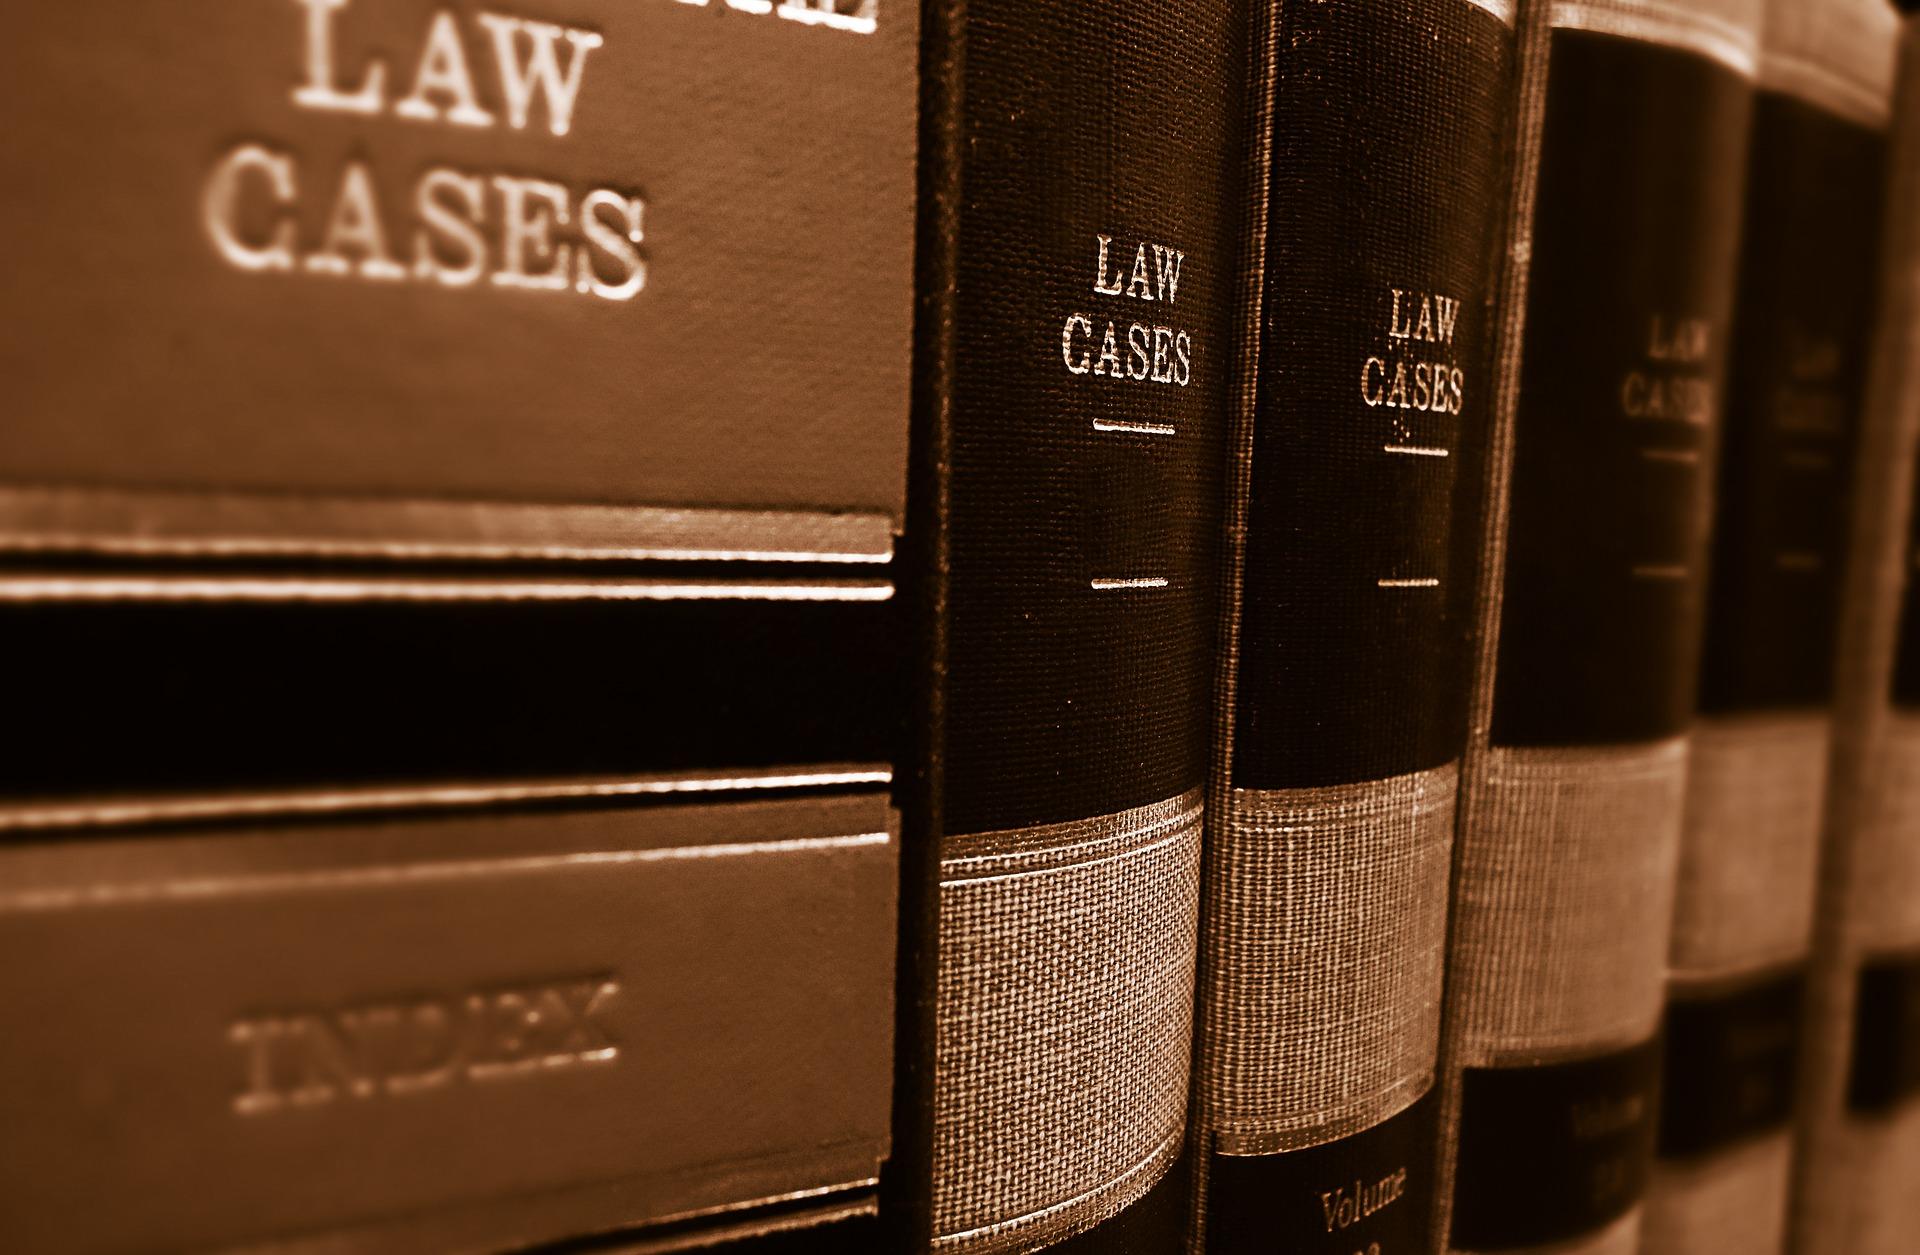 Spese legali condominio: come avviene la ripartizione?